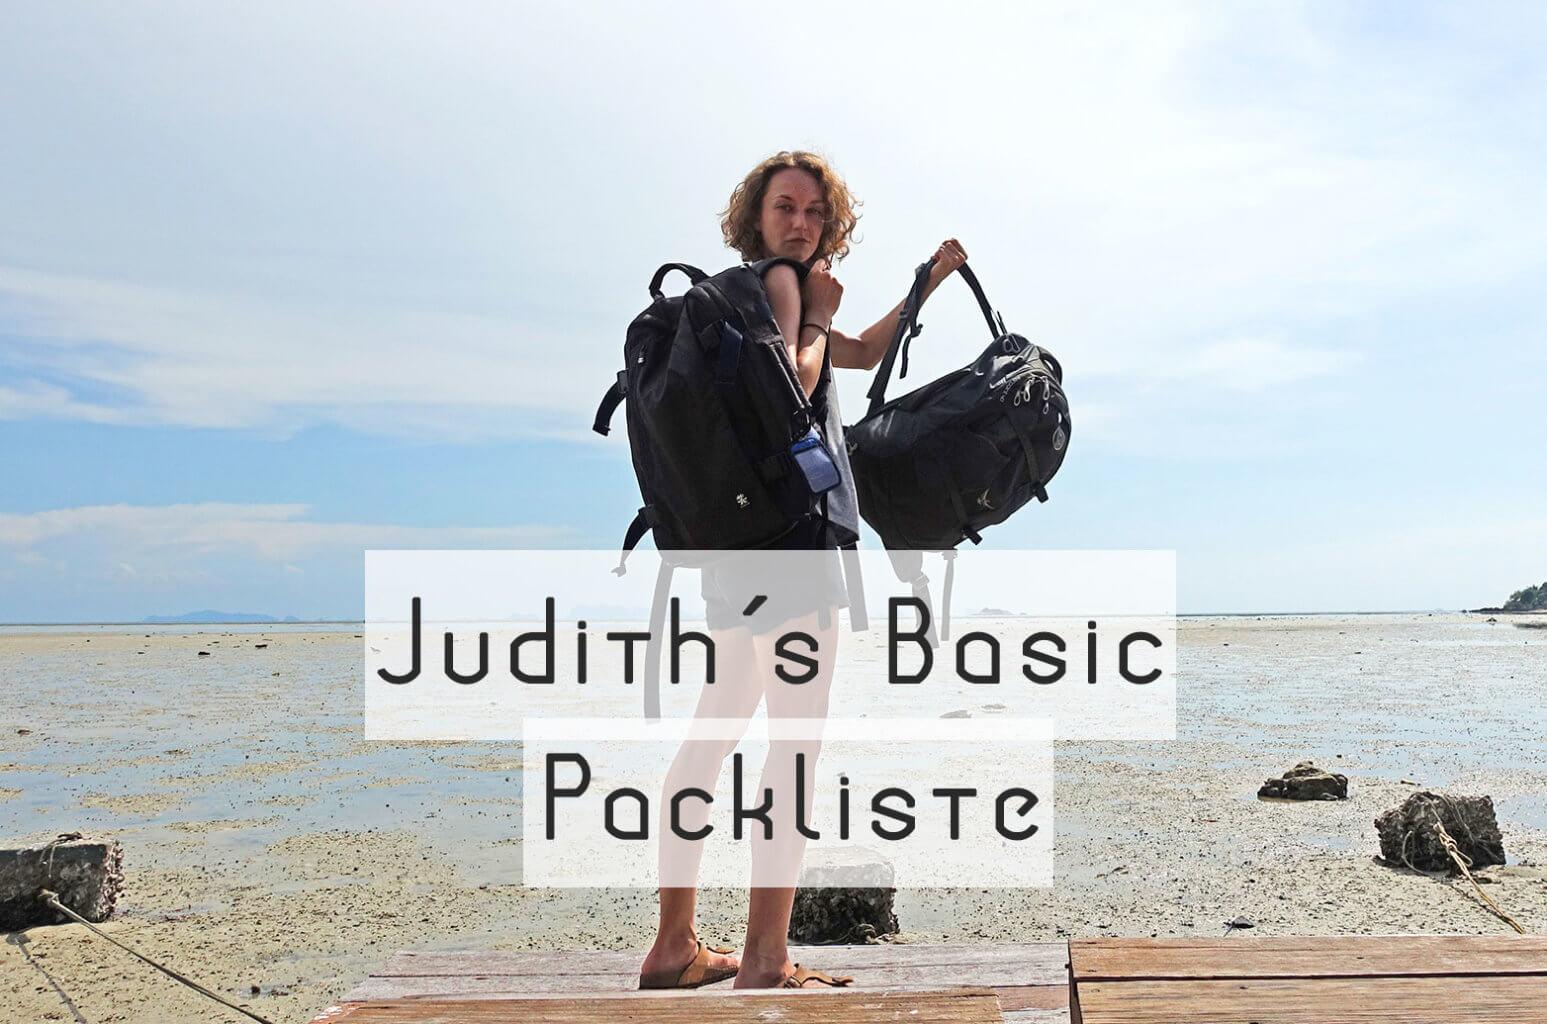 Judiths Basic Packliste